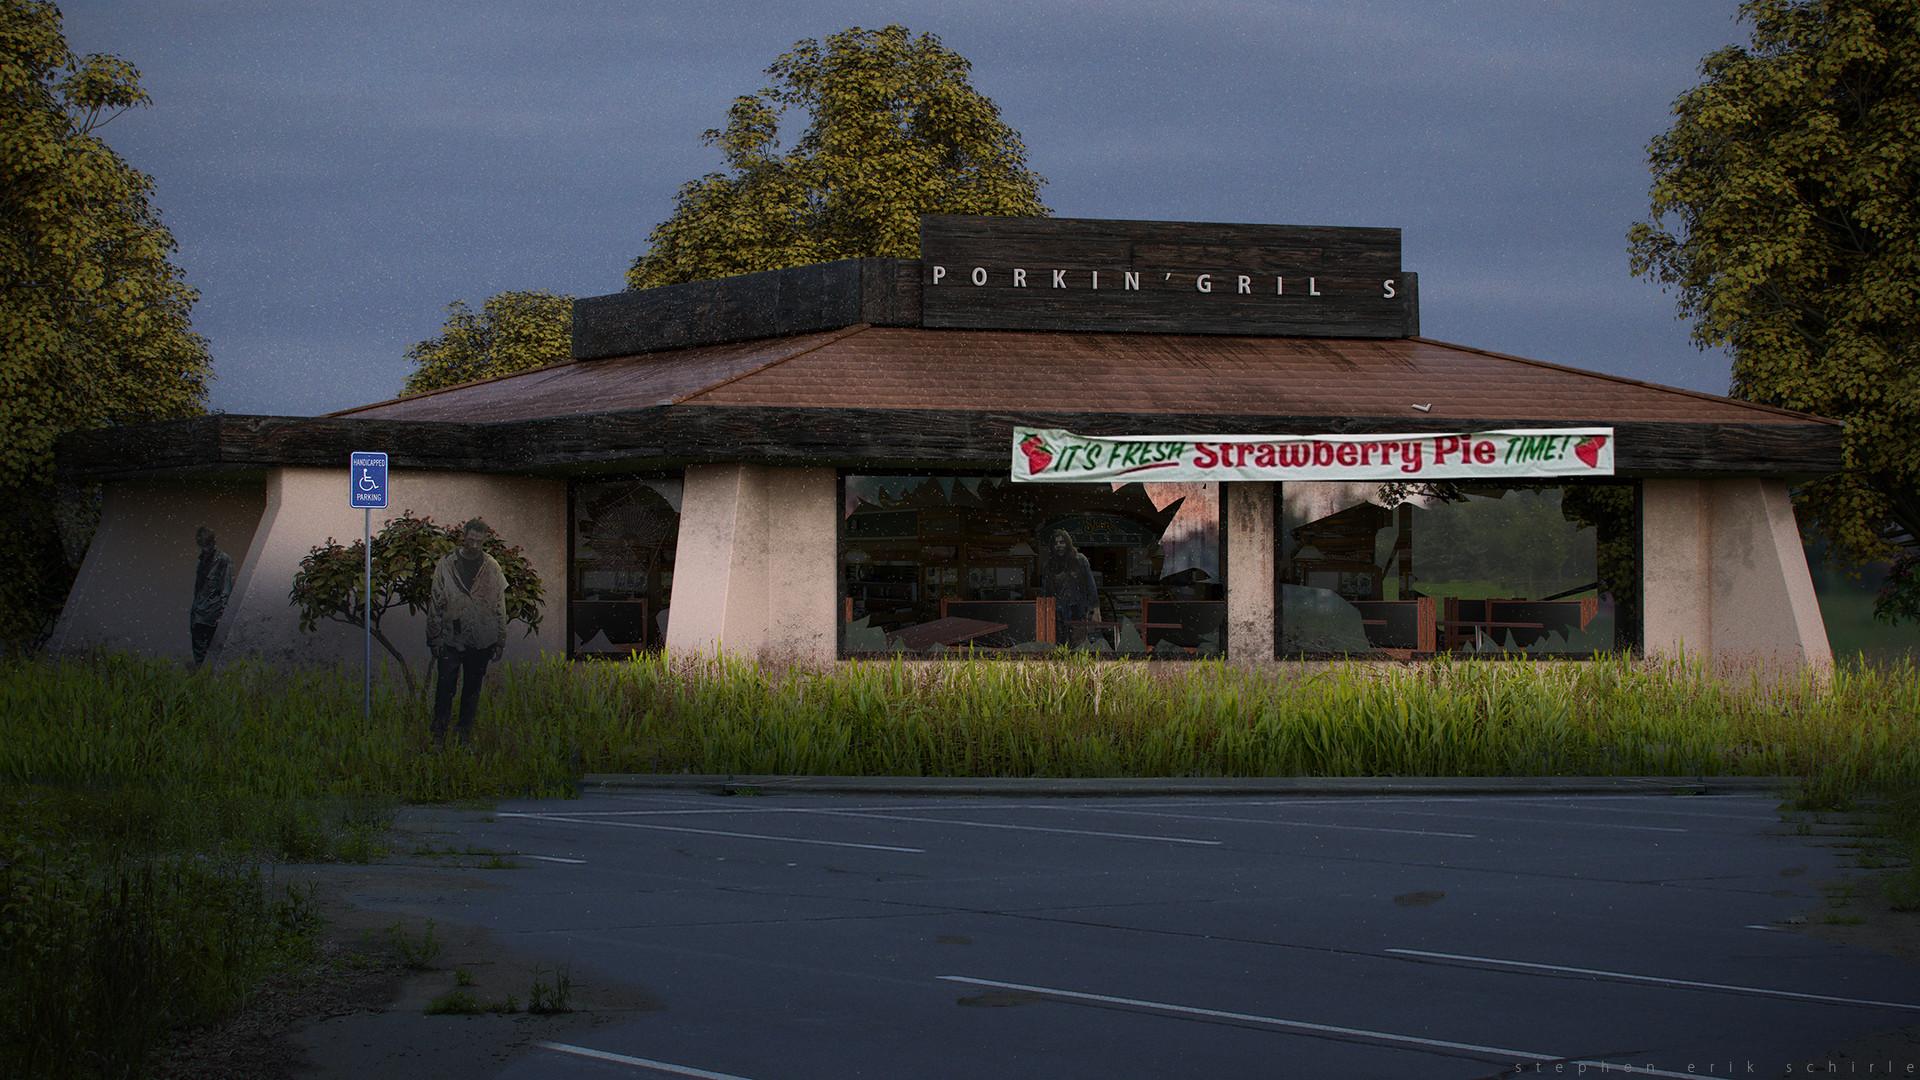 Stephen schirle restaurant 01sm